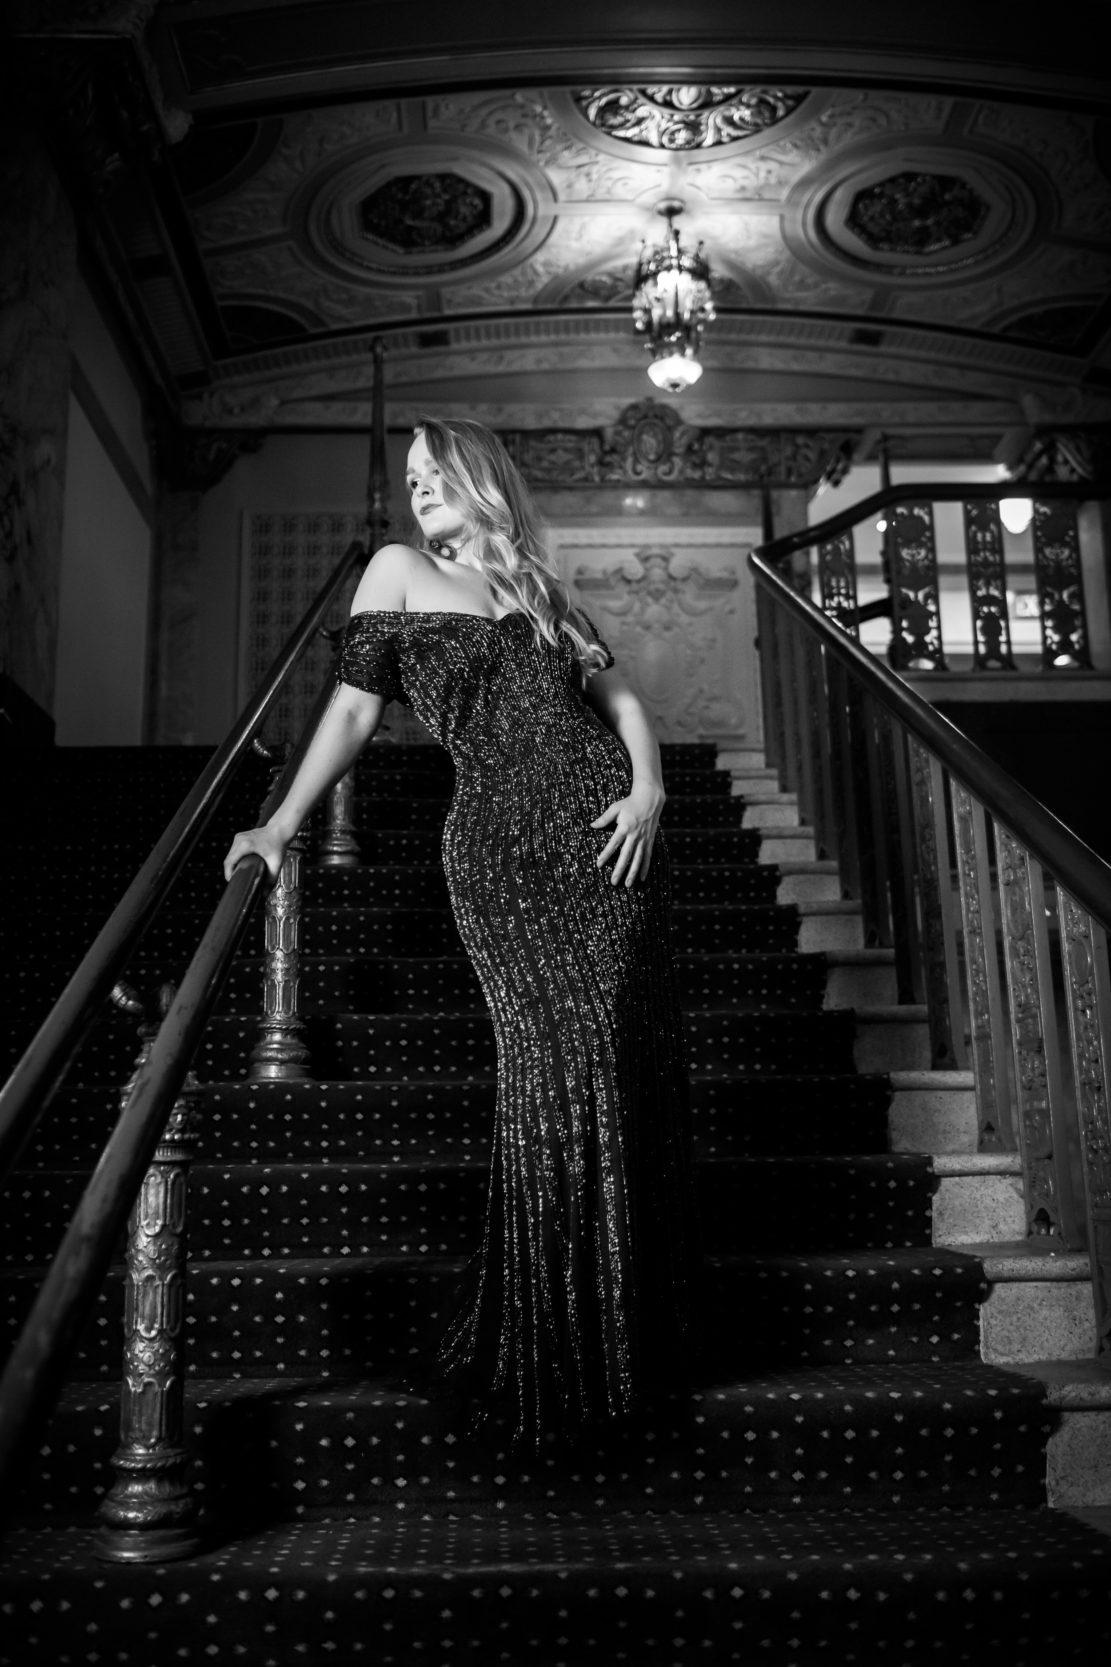 Siena_Licht_Miller_Opera_Singer_arlene_schnitzer_006